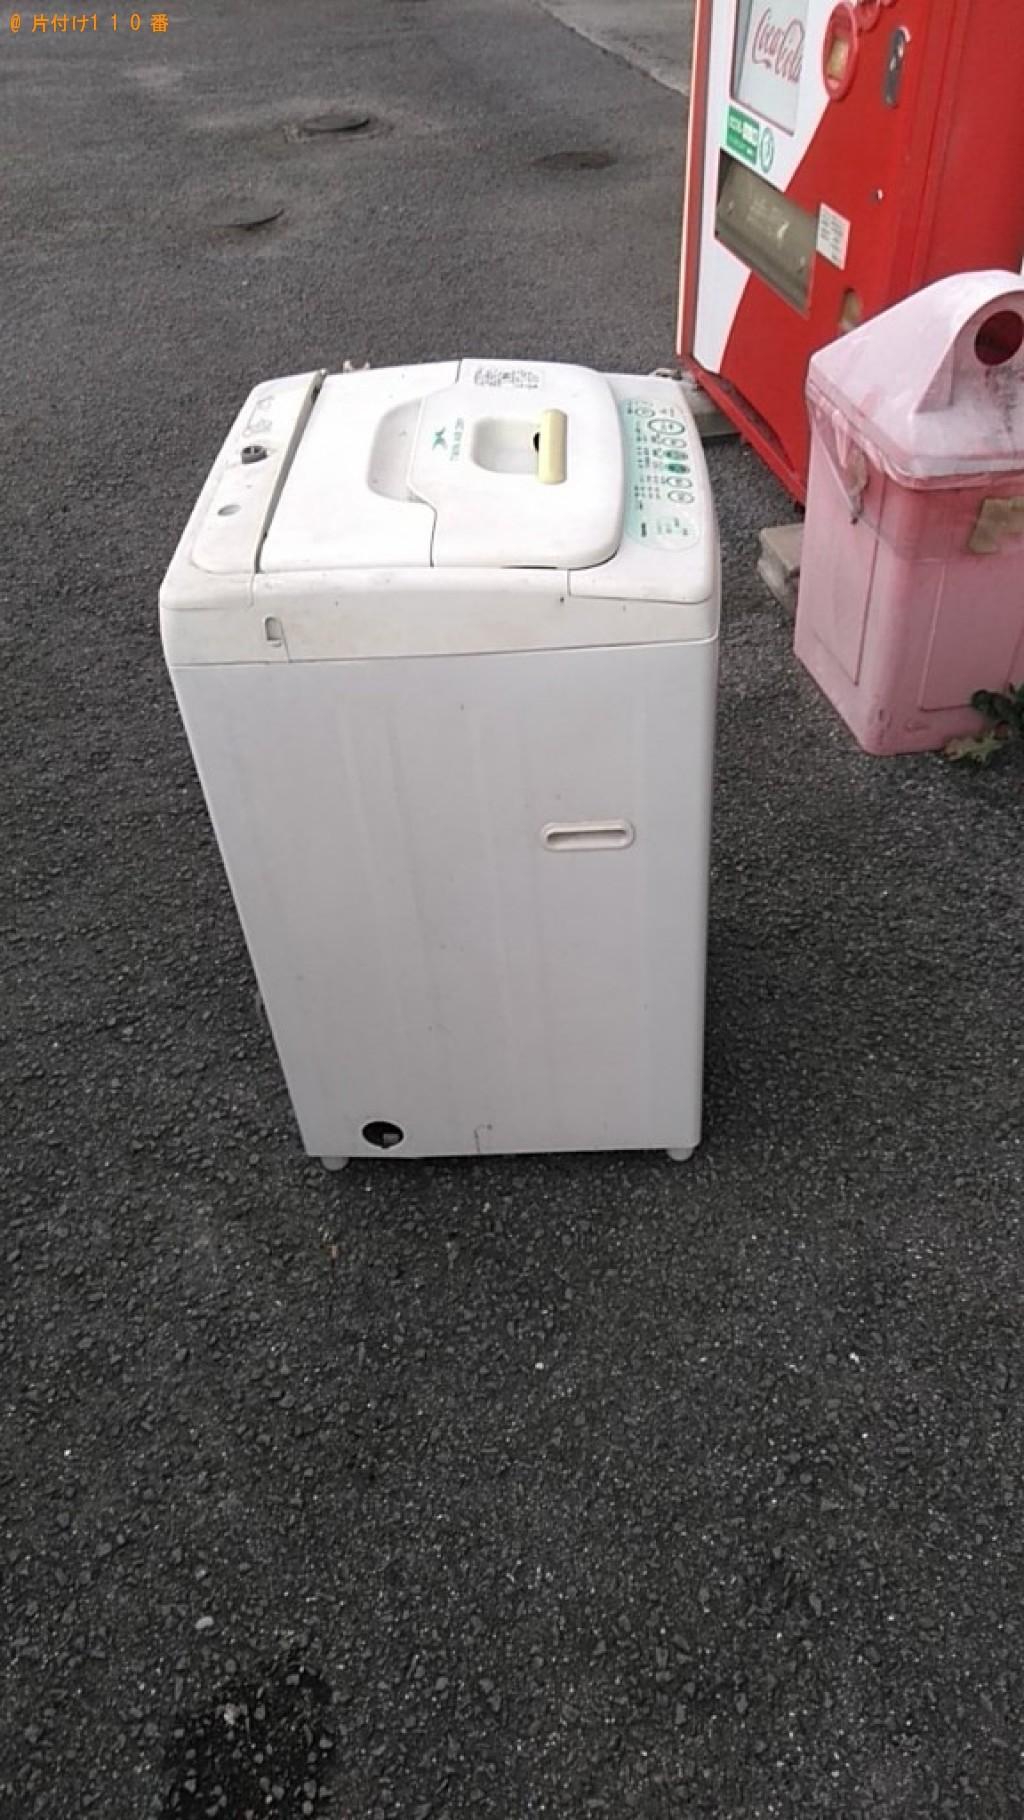 【伊予郡砥部町】洗濯機の回収・処分ご依頼 お客様の声